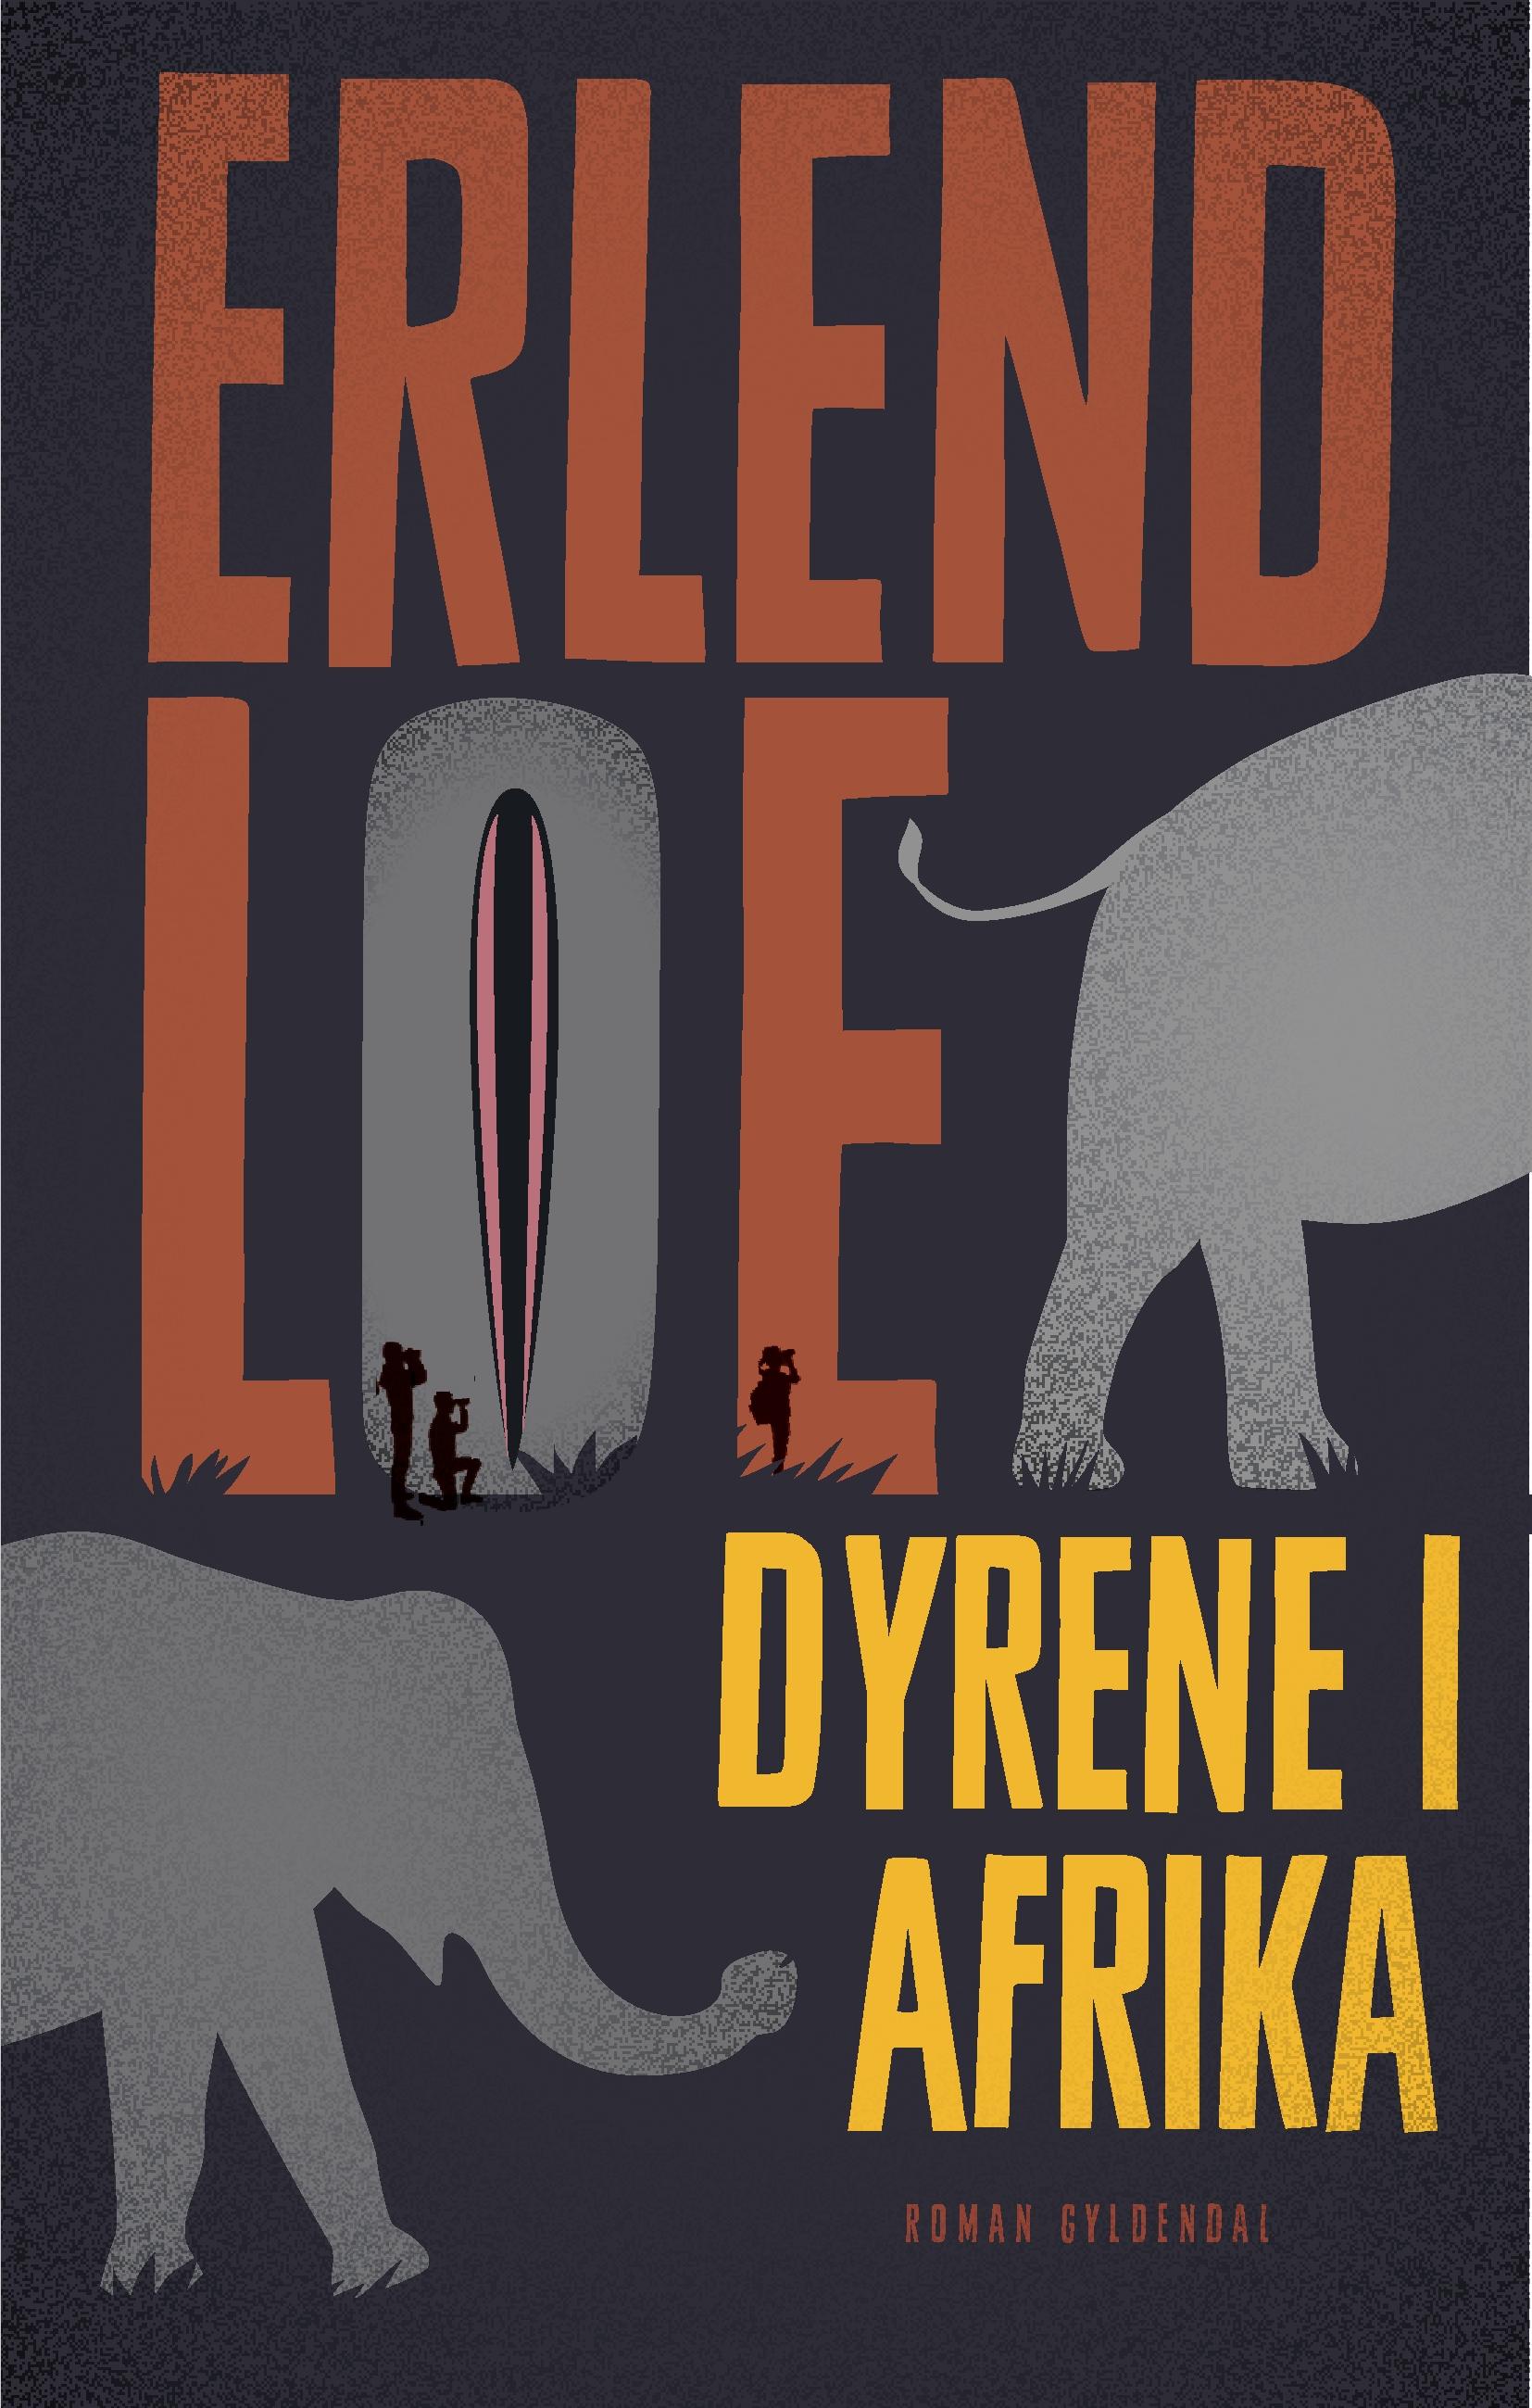 Dyrene i Afrika - Erlend Loe - Bøger - Gyldendal - 9788702276893 - May 10, 2019